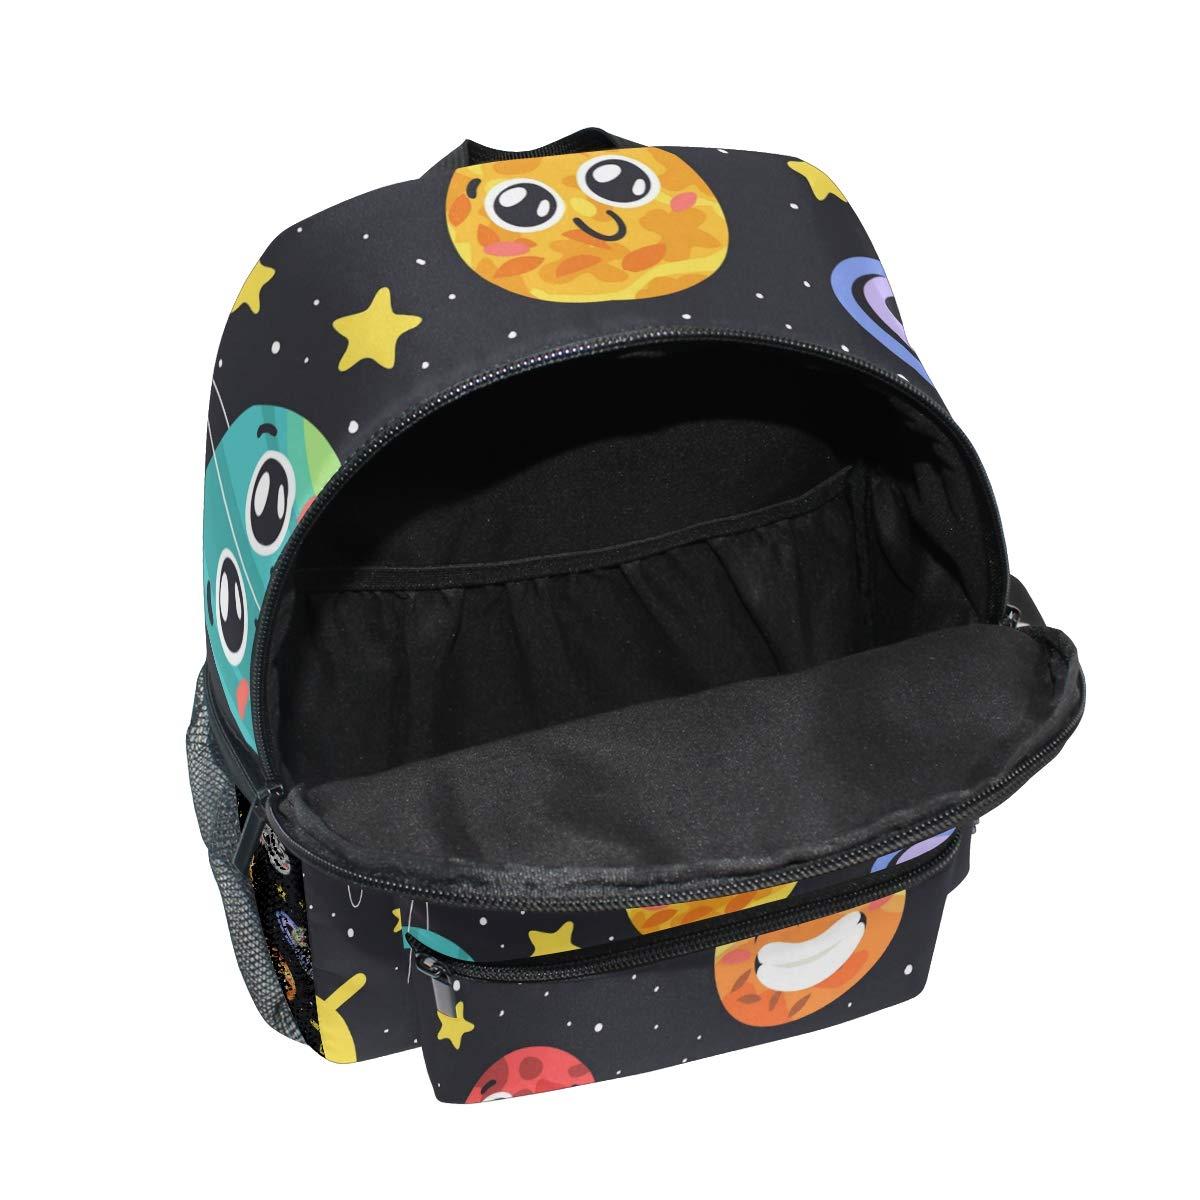 61 BAYTWqNL - CPYang Mochila para niños con sistema solar Planet Emoji School Bag Kindergarten Preescolar Mochila para niños y niñas